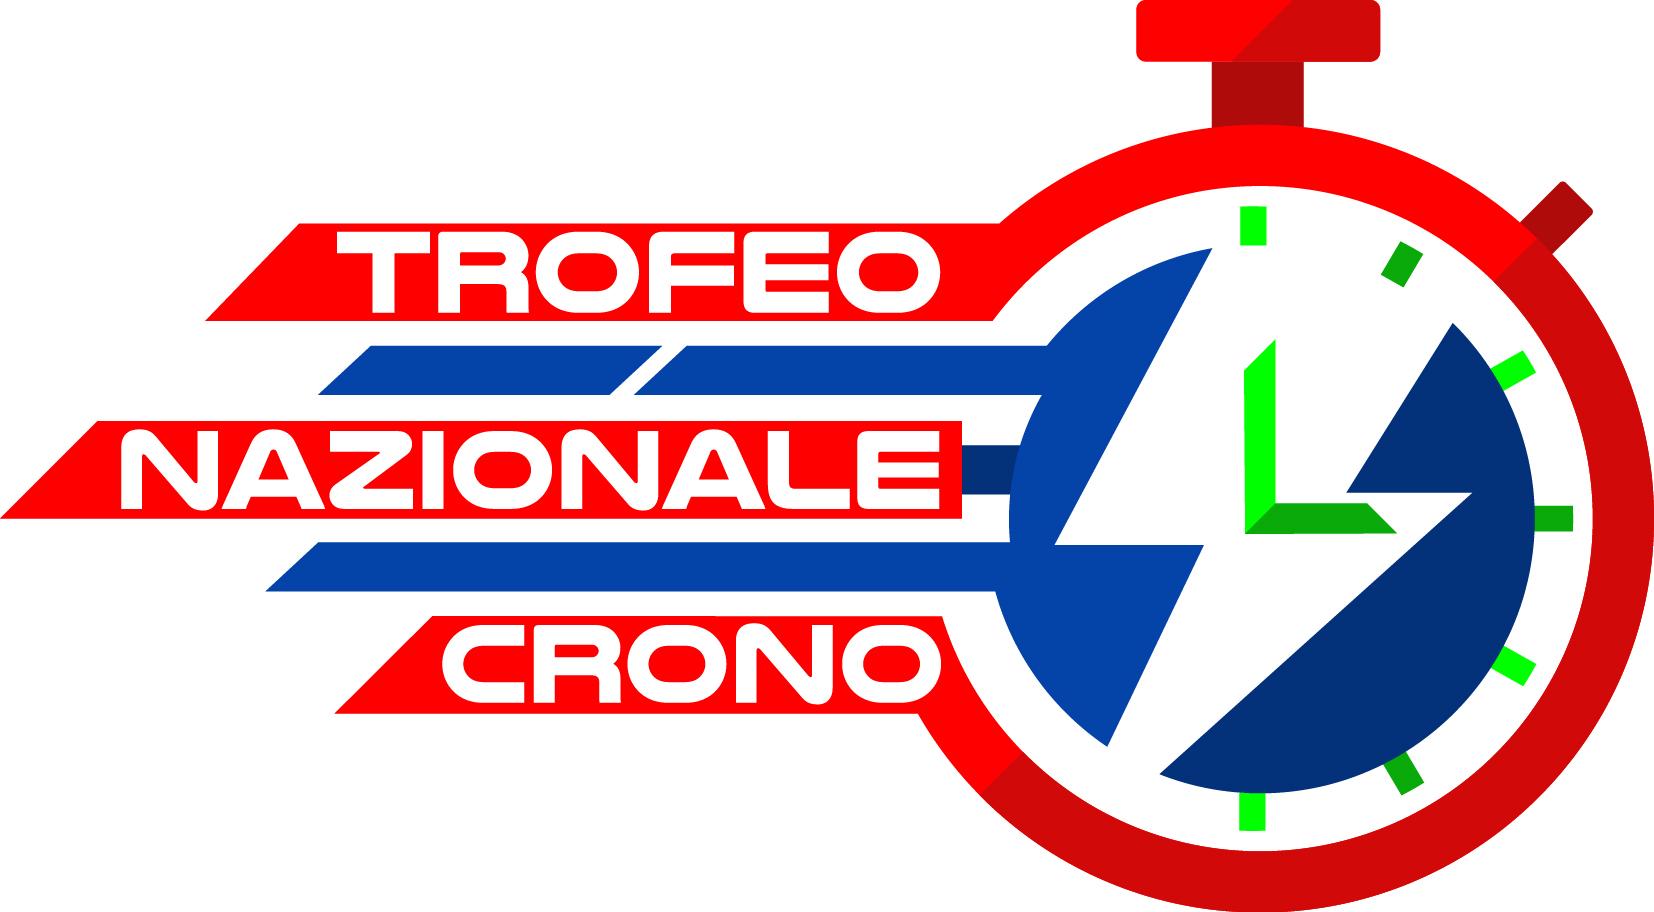 Trofeo Nazionale Crono ASI